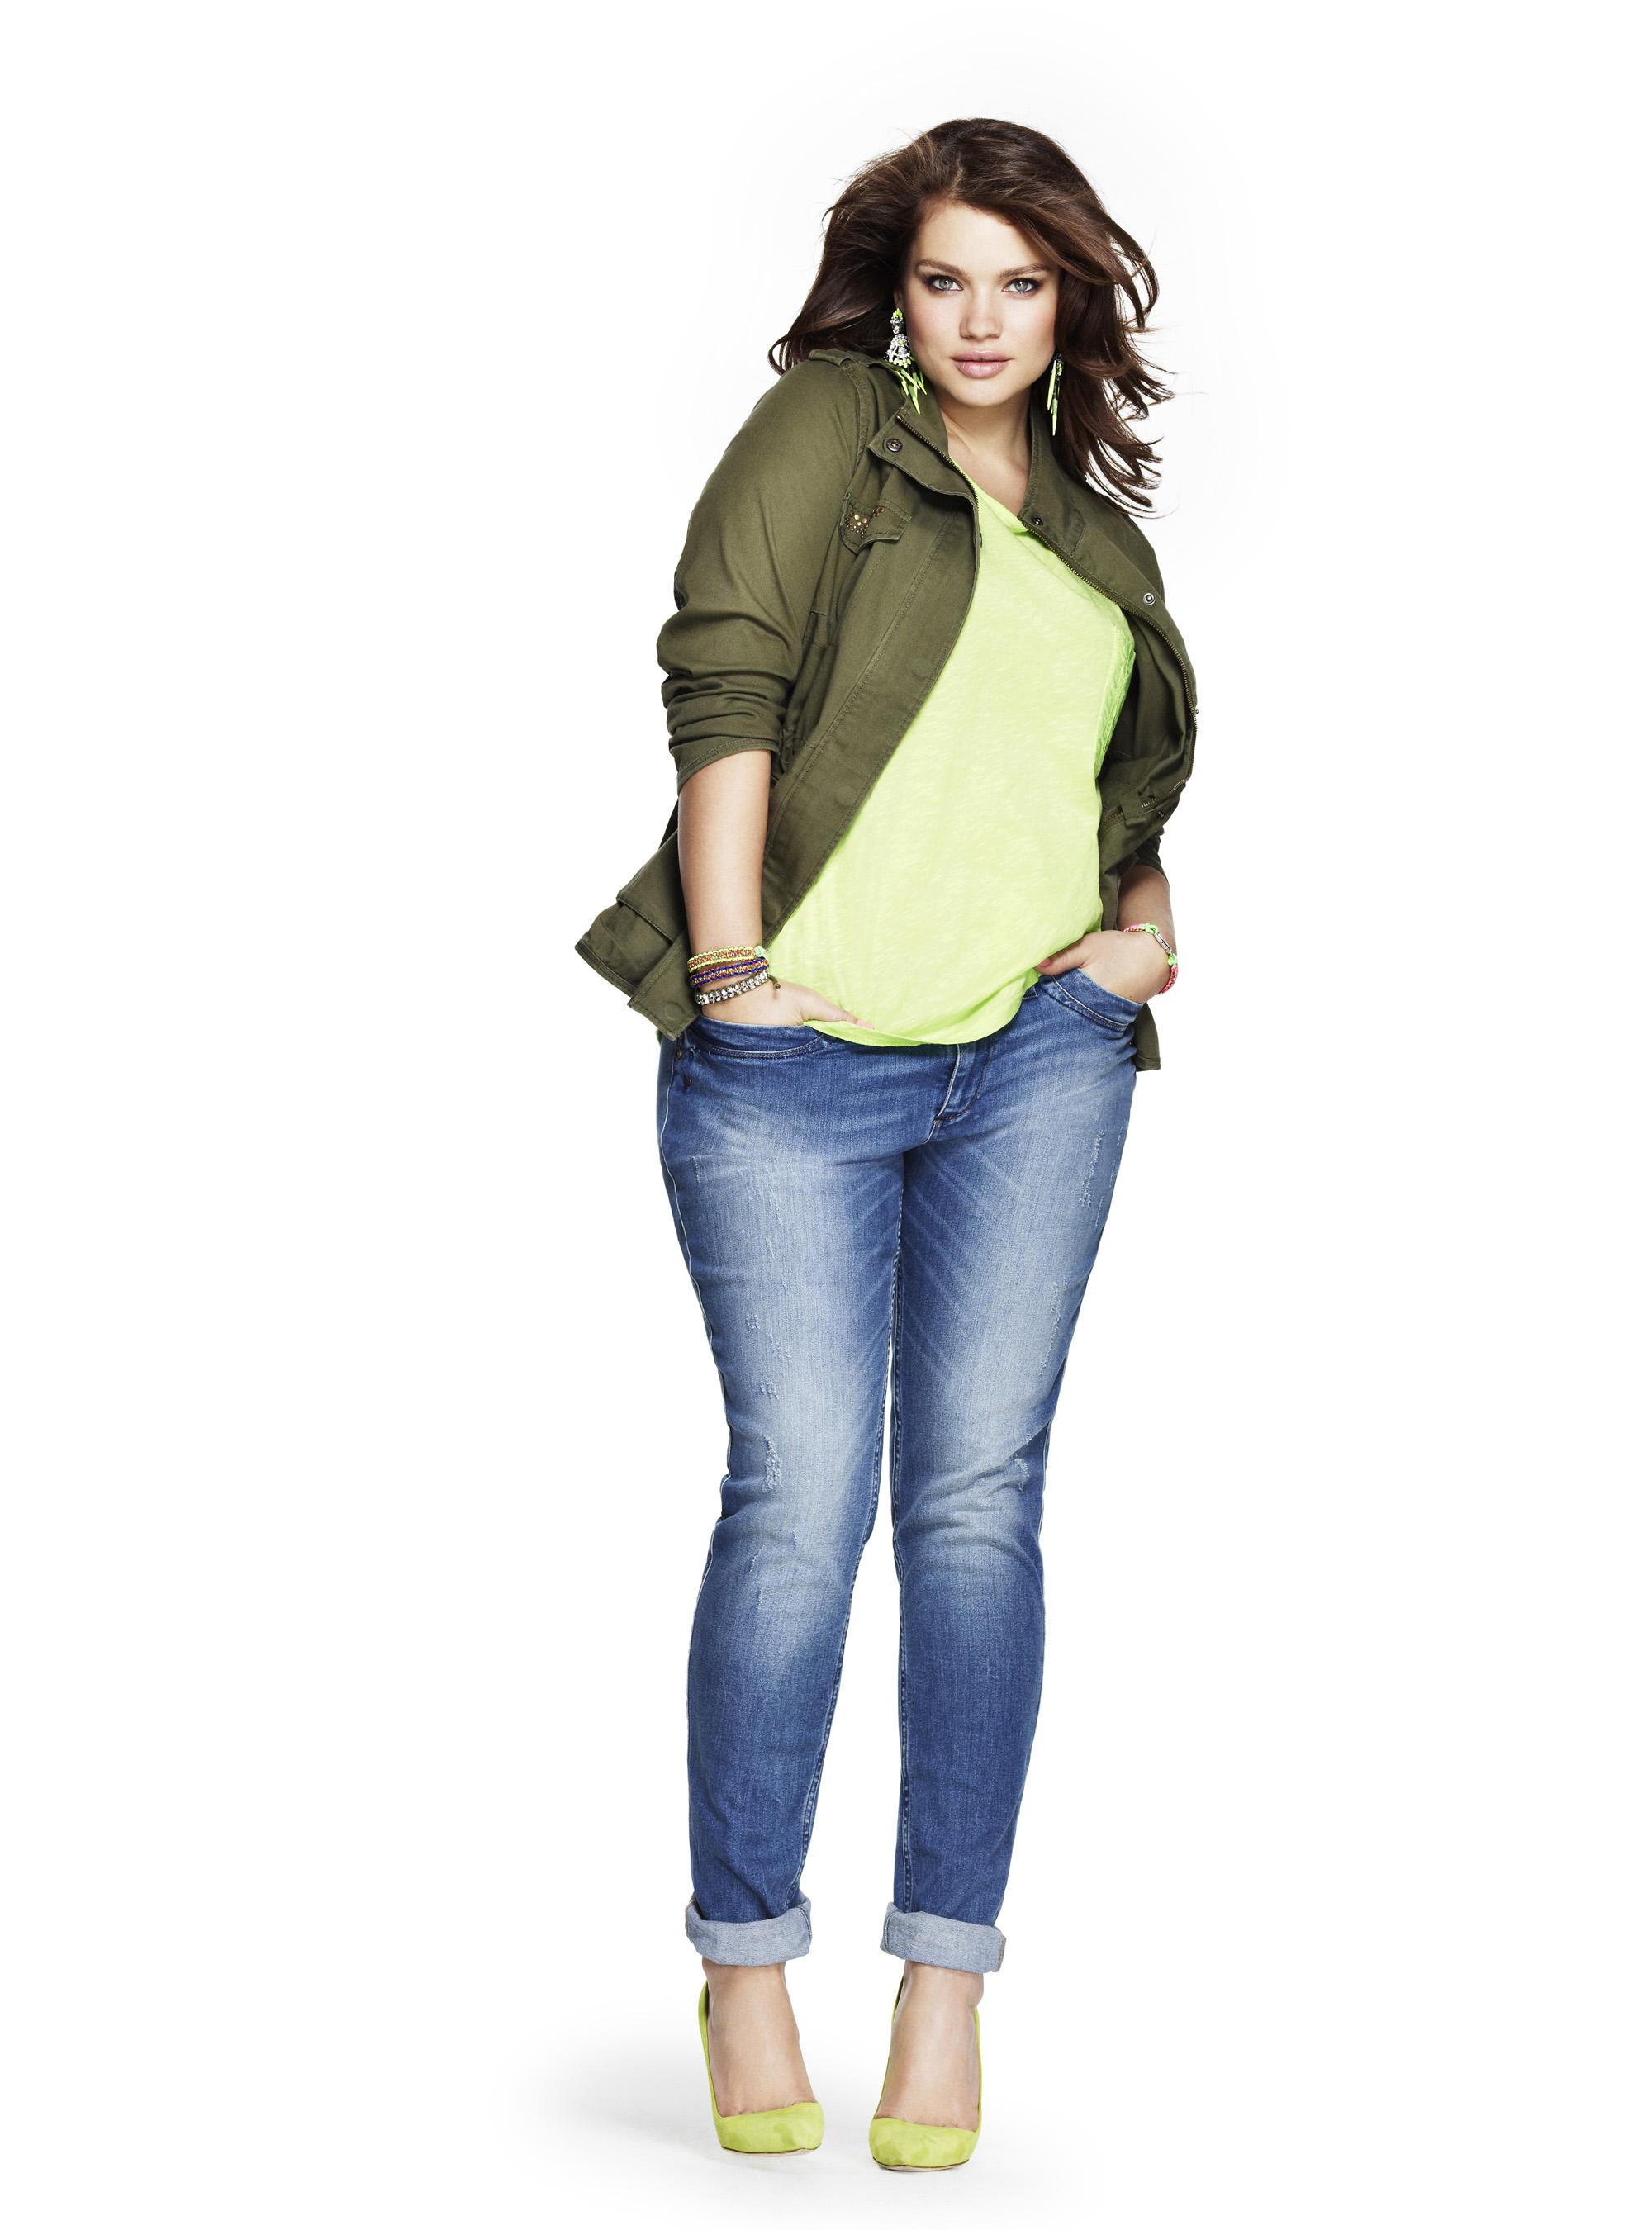 Стянул с нее джинсы 16 фотография